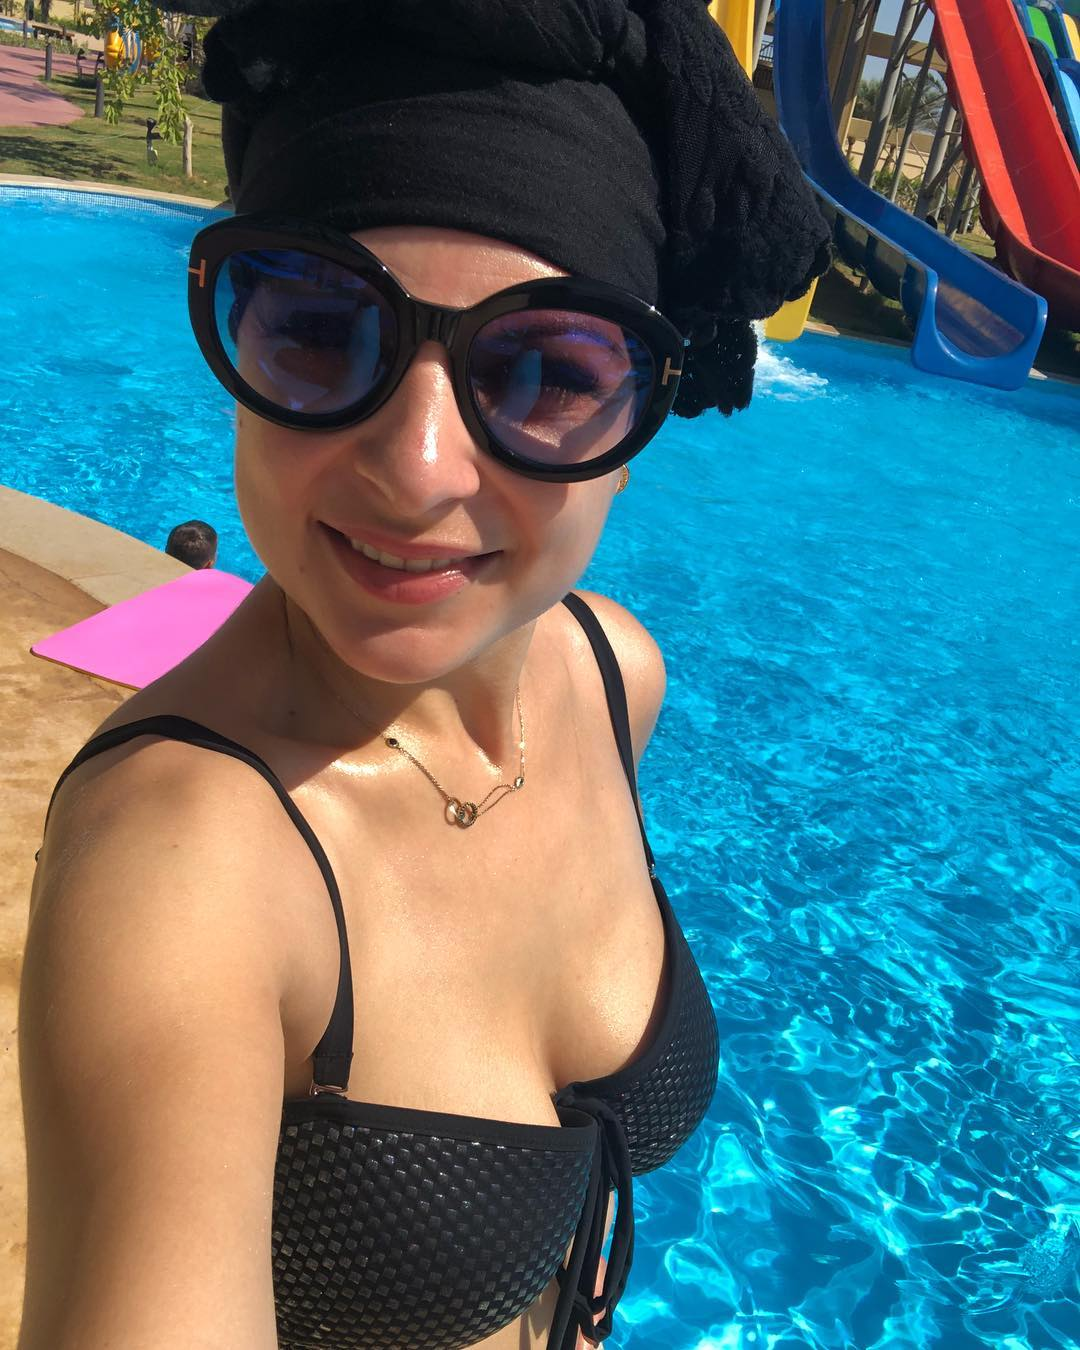 Bikini Magda Narozna naked (34 images), Pussy